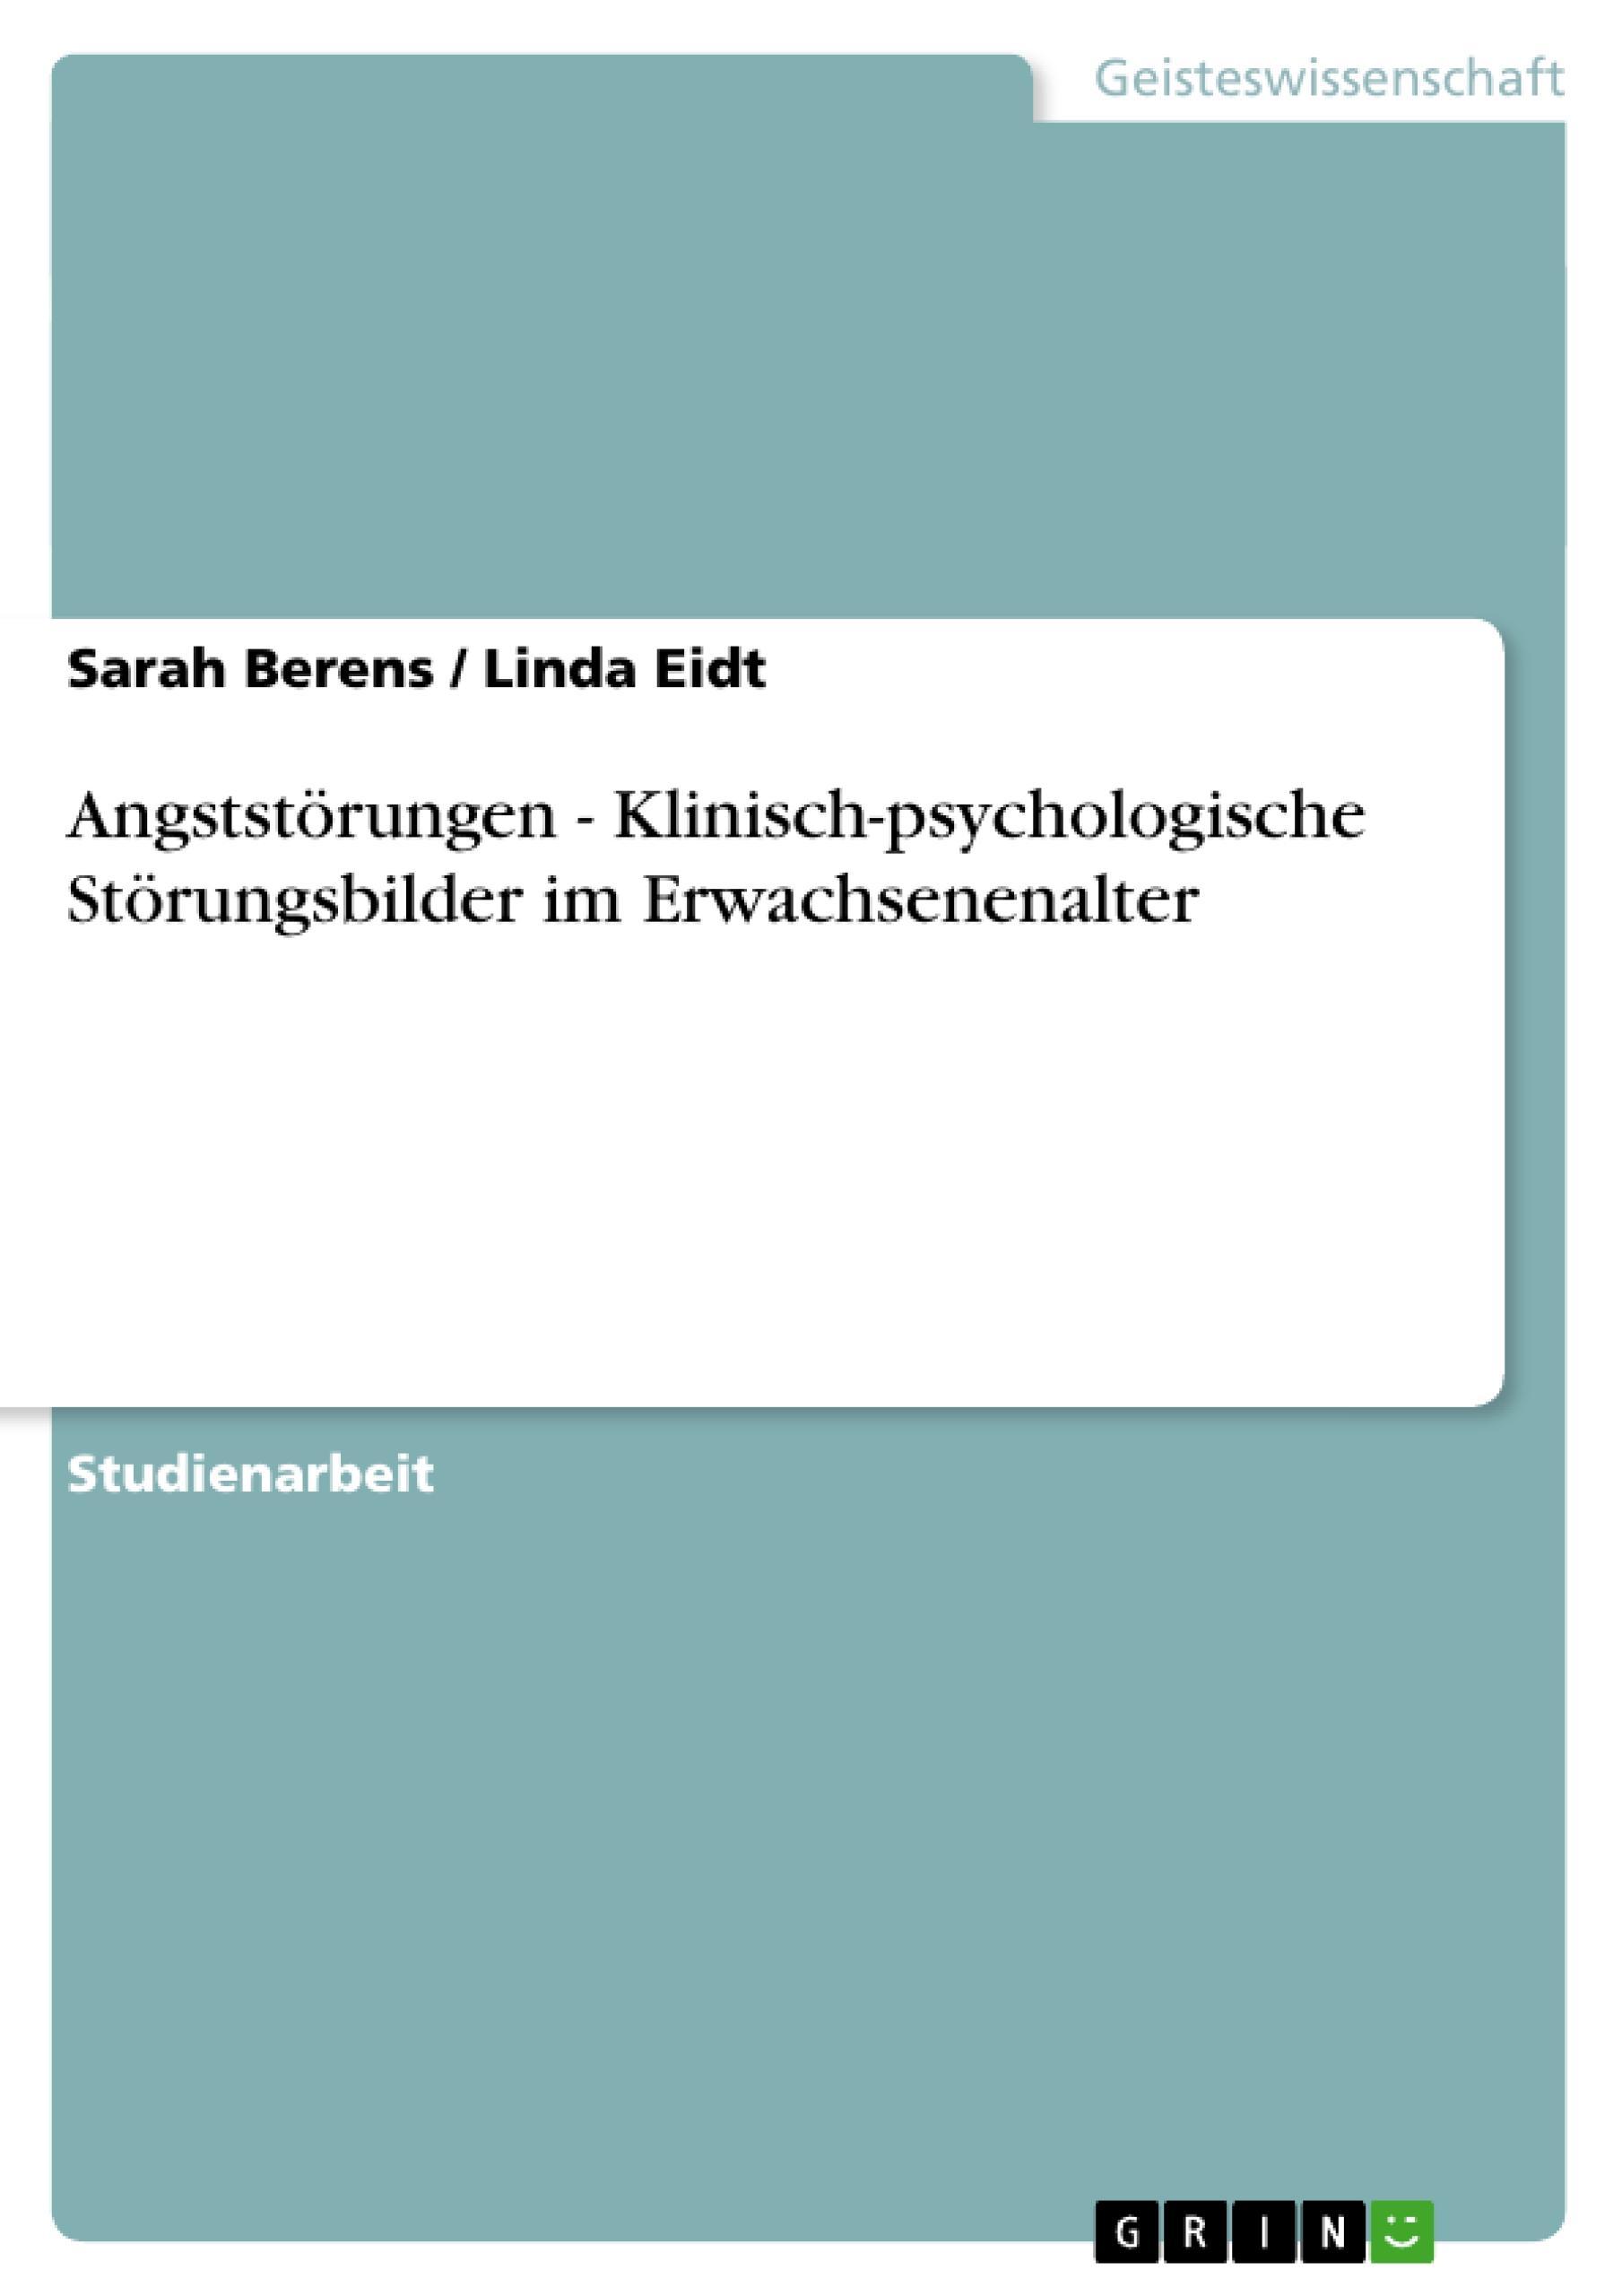 Angststörungen - Klinisch-psychologische Störungsbilder im Erwachsenenalter  Linda Eidt  Taschenbuch  Deutsch  2010 - Eidt, Linda